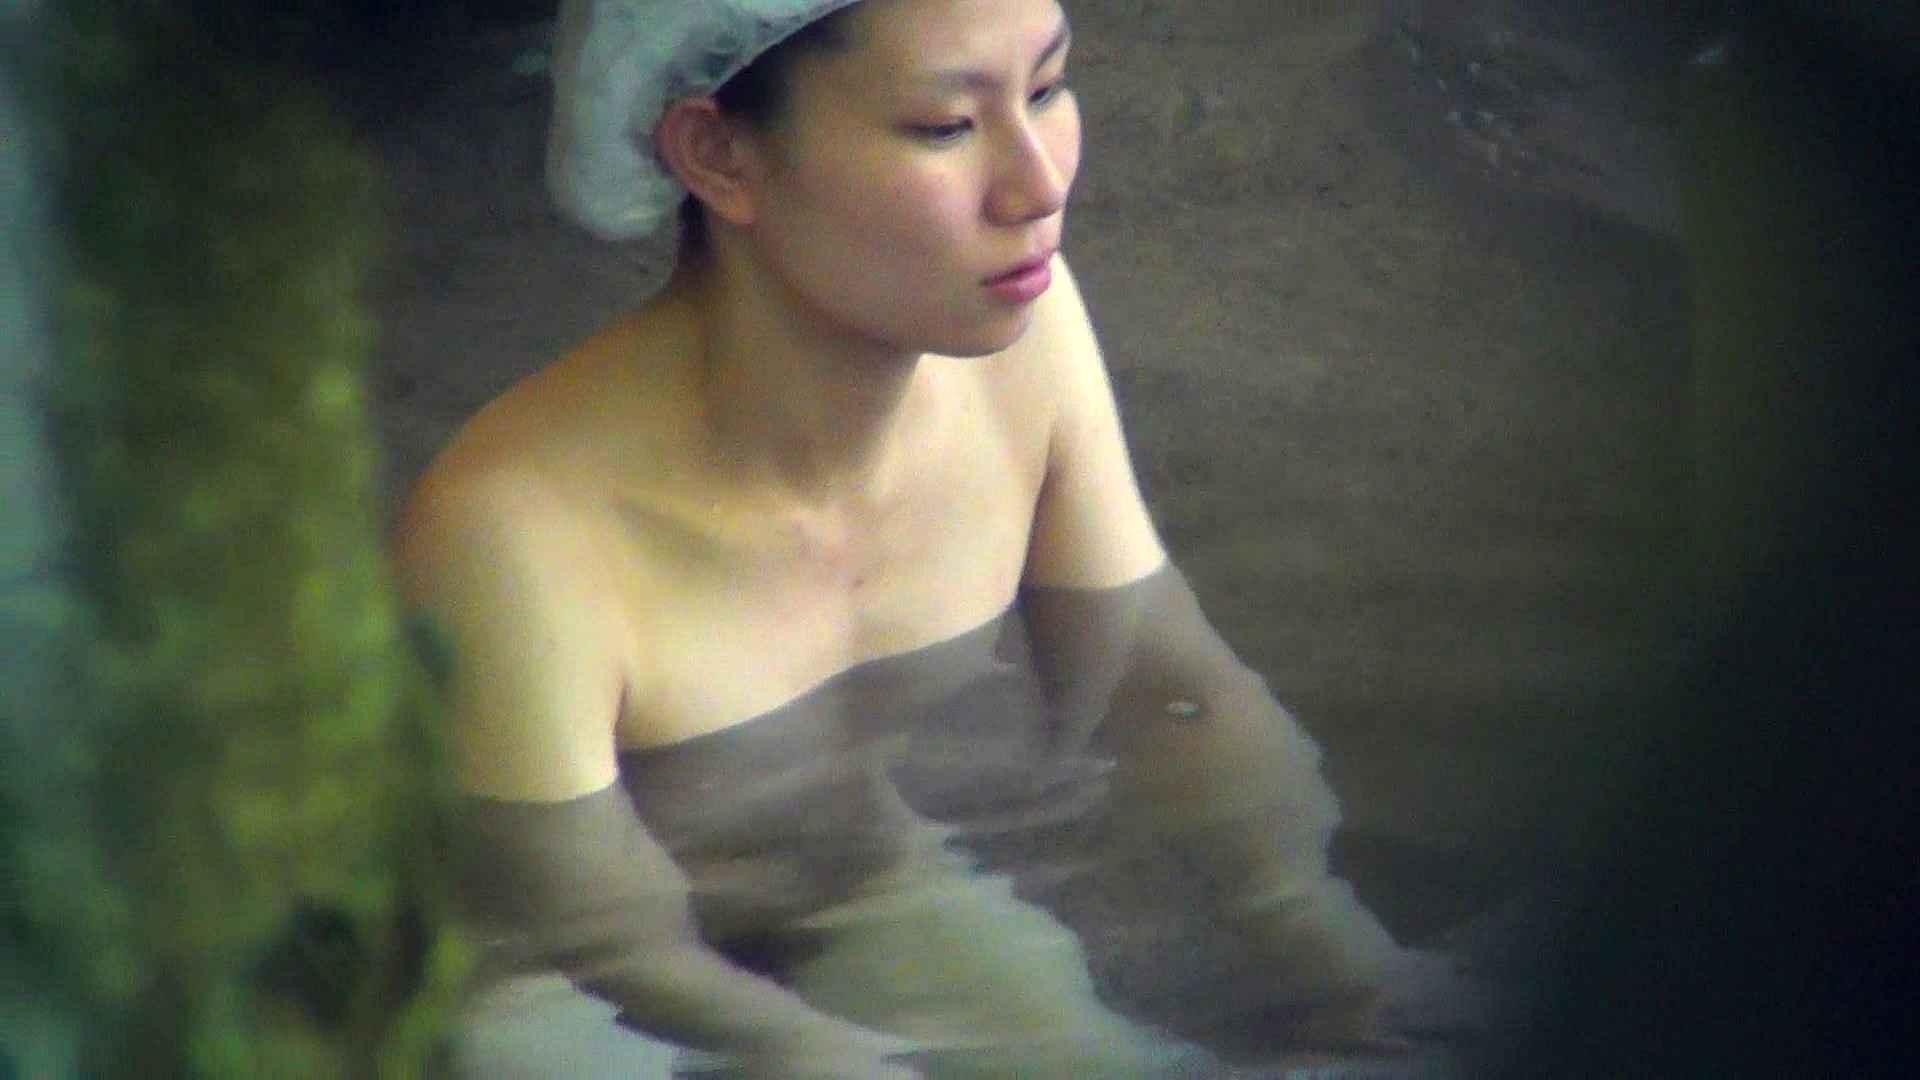 Vol.43 ヘアキャップをしても美しい中性的美女simai 美乳 おめこ無修正画像 110画像 53